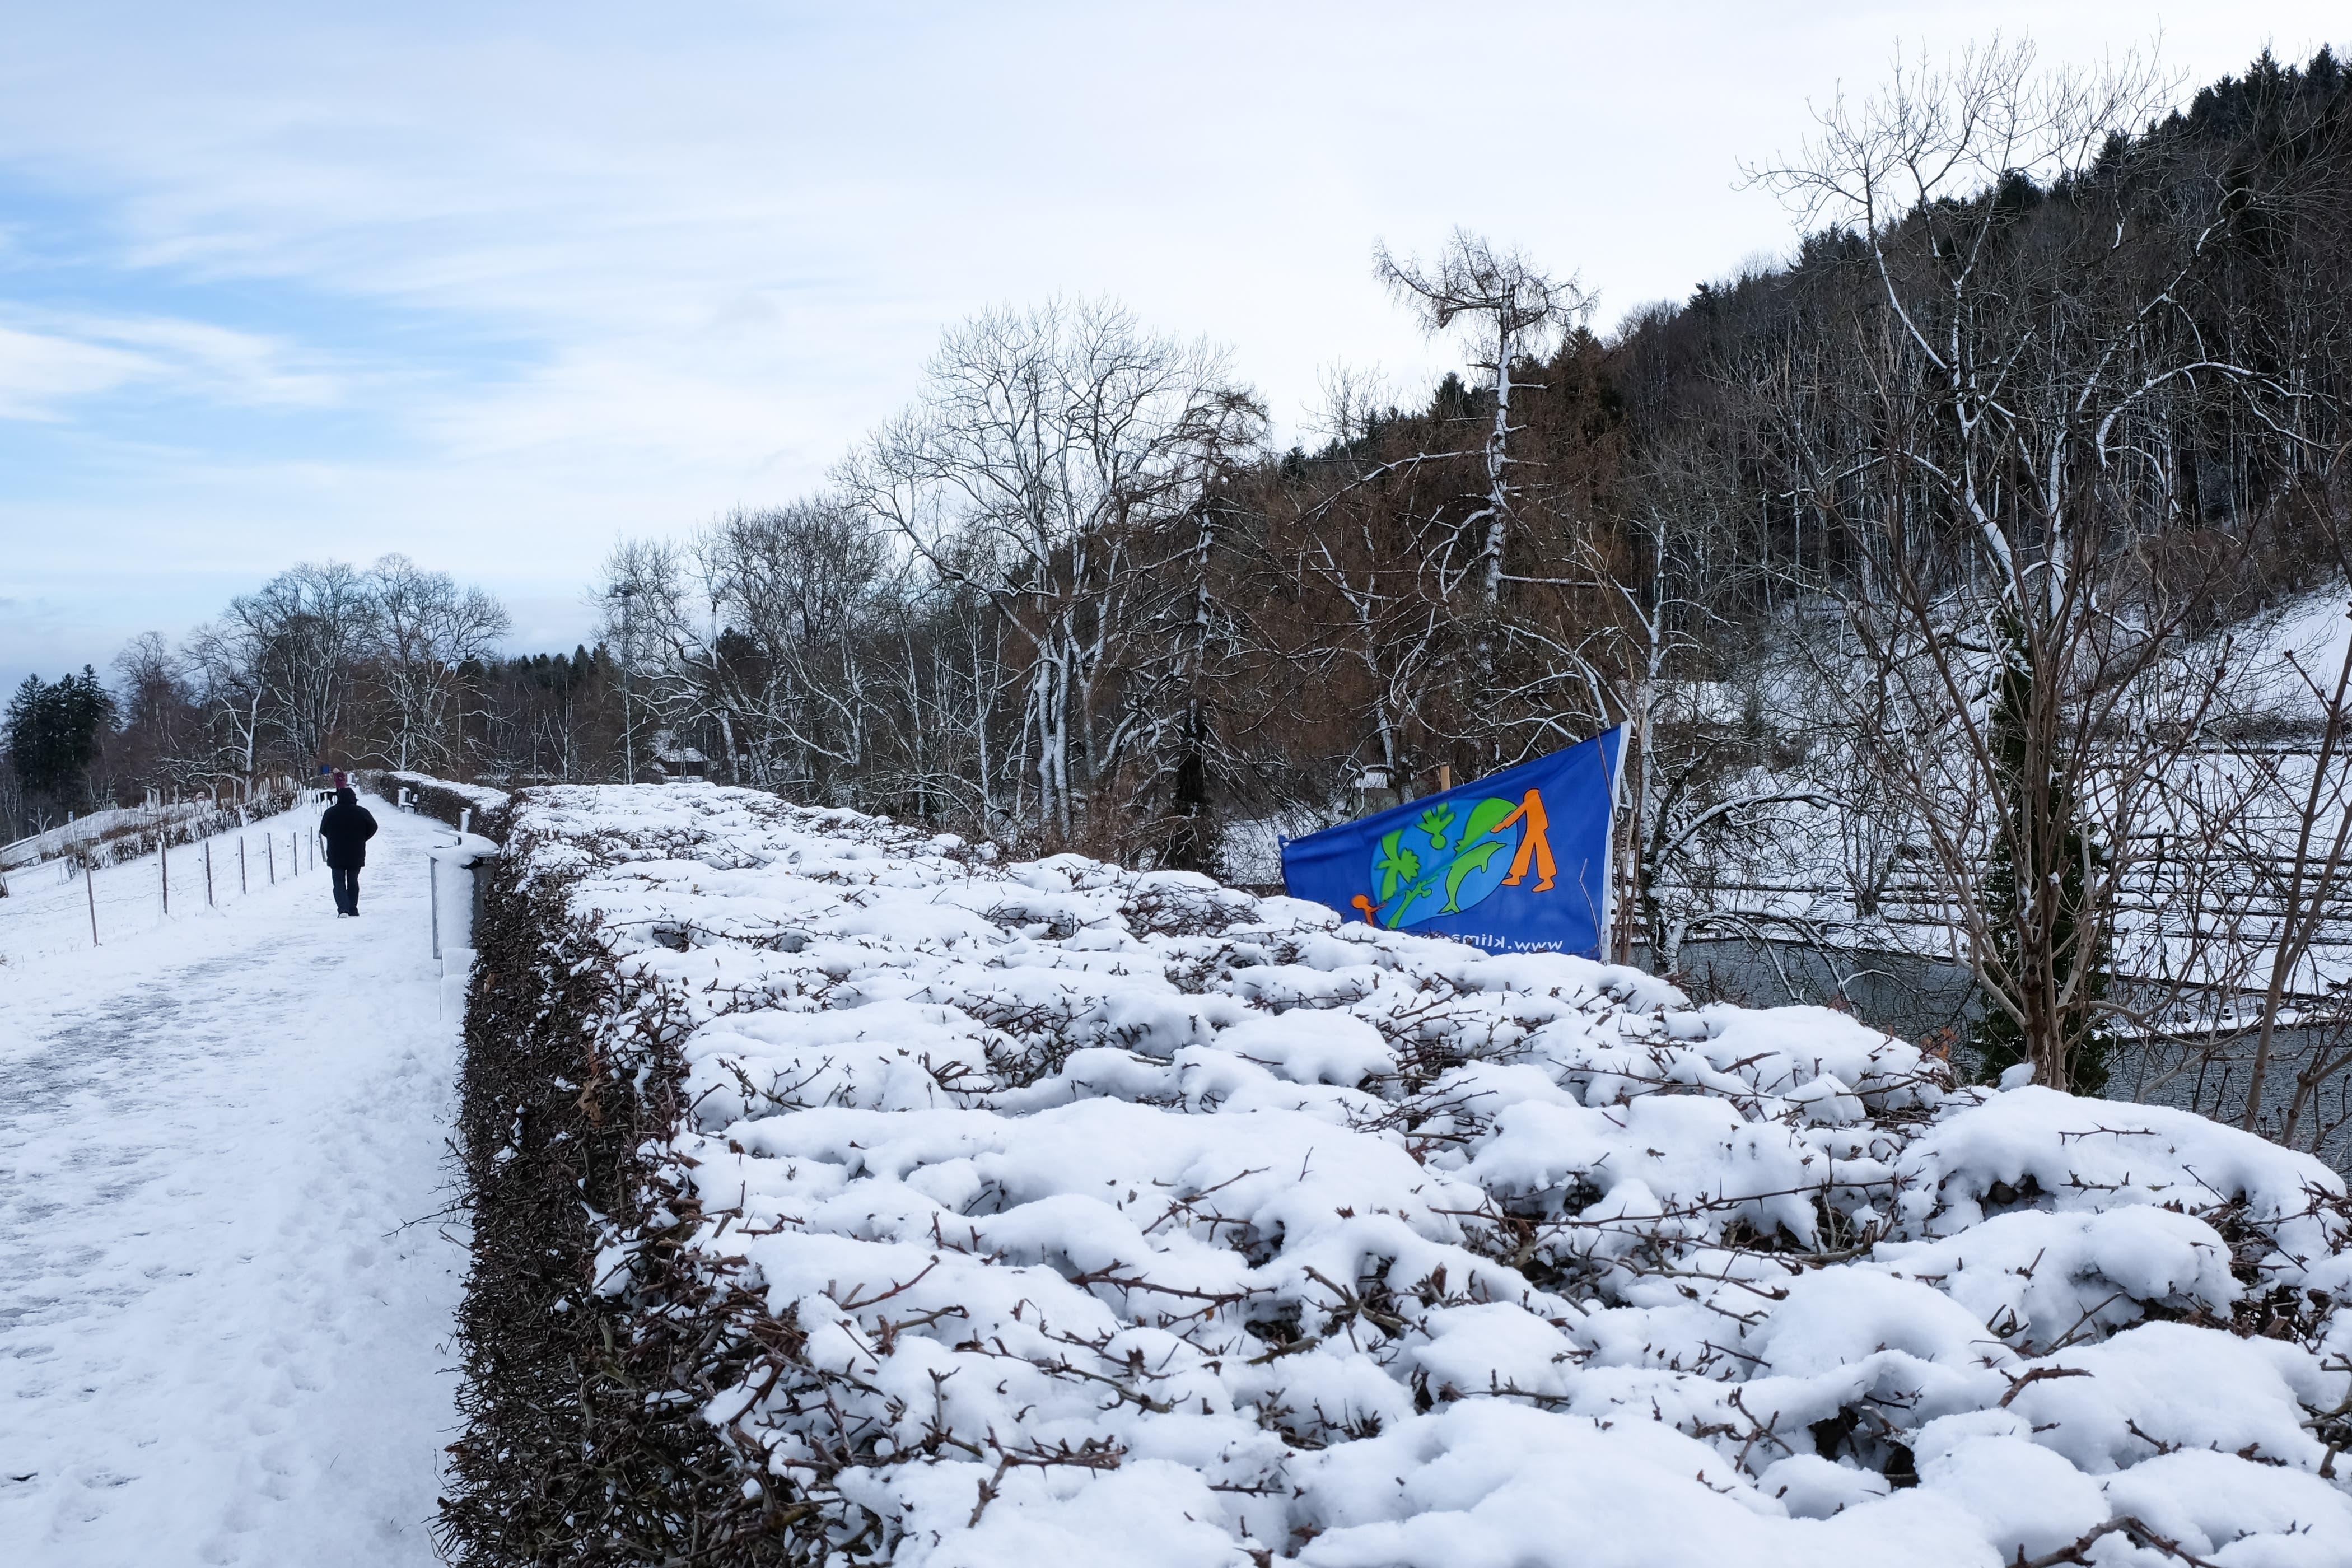 Ein Hauch Winter am Panoramaweg auf Drei Weieren.